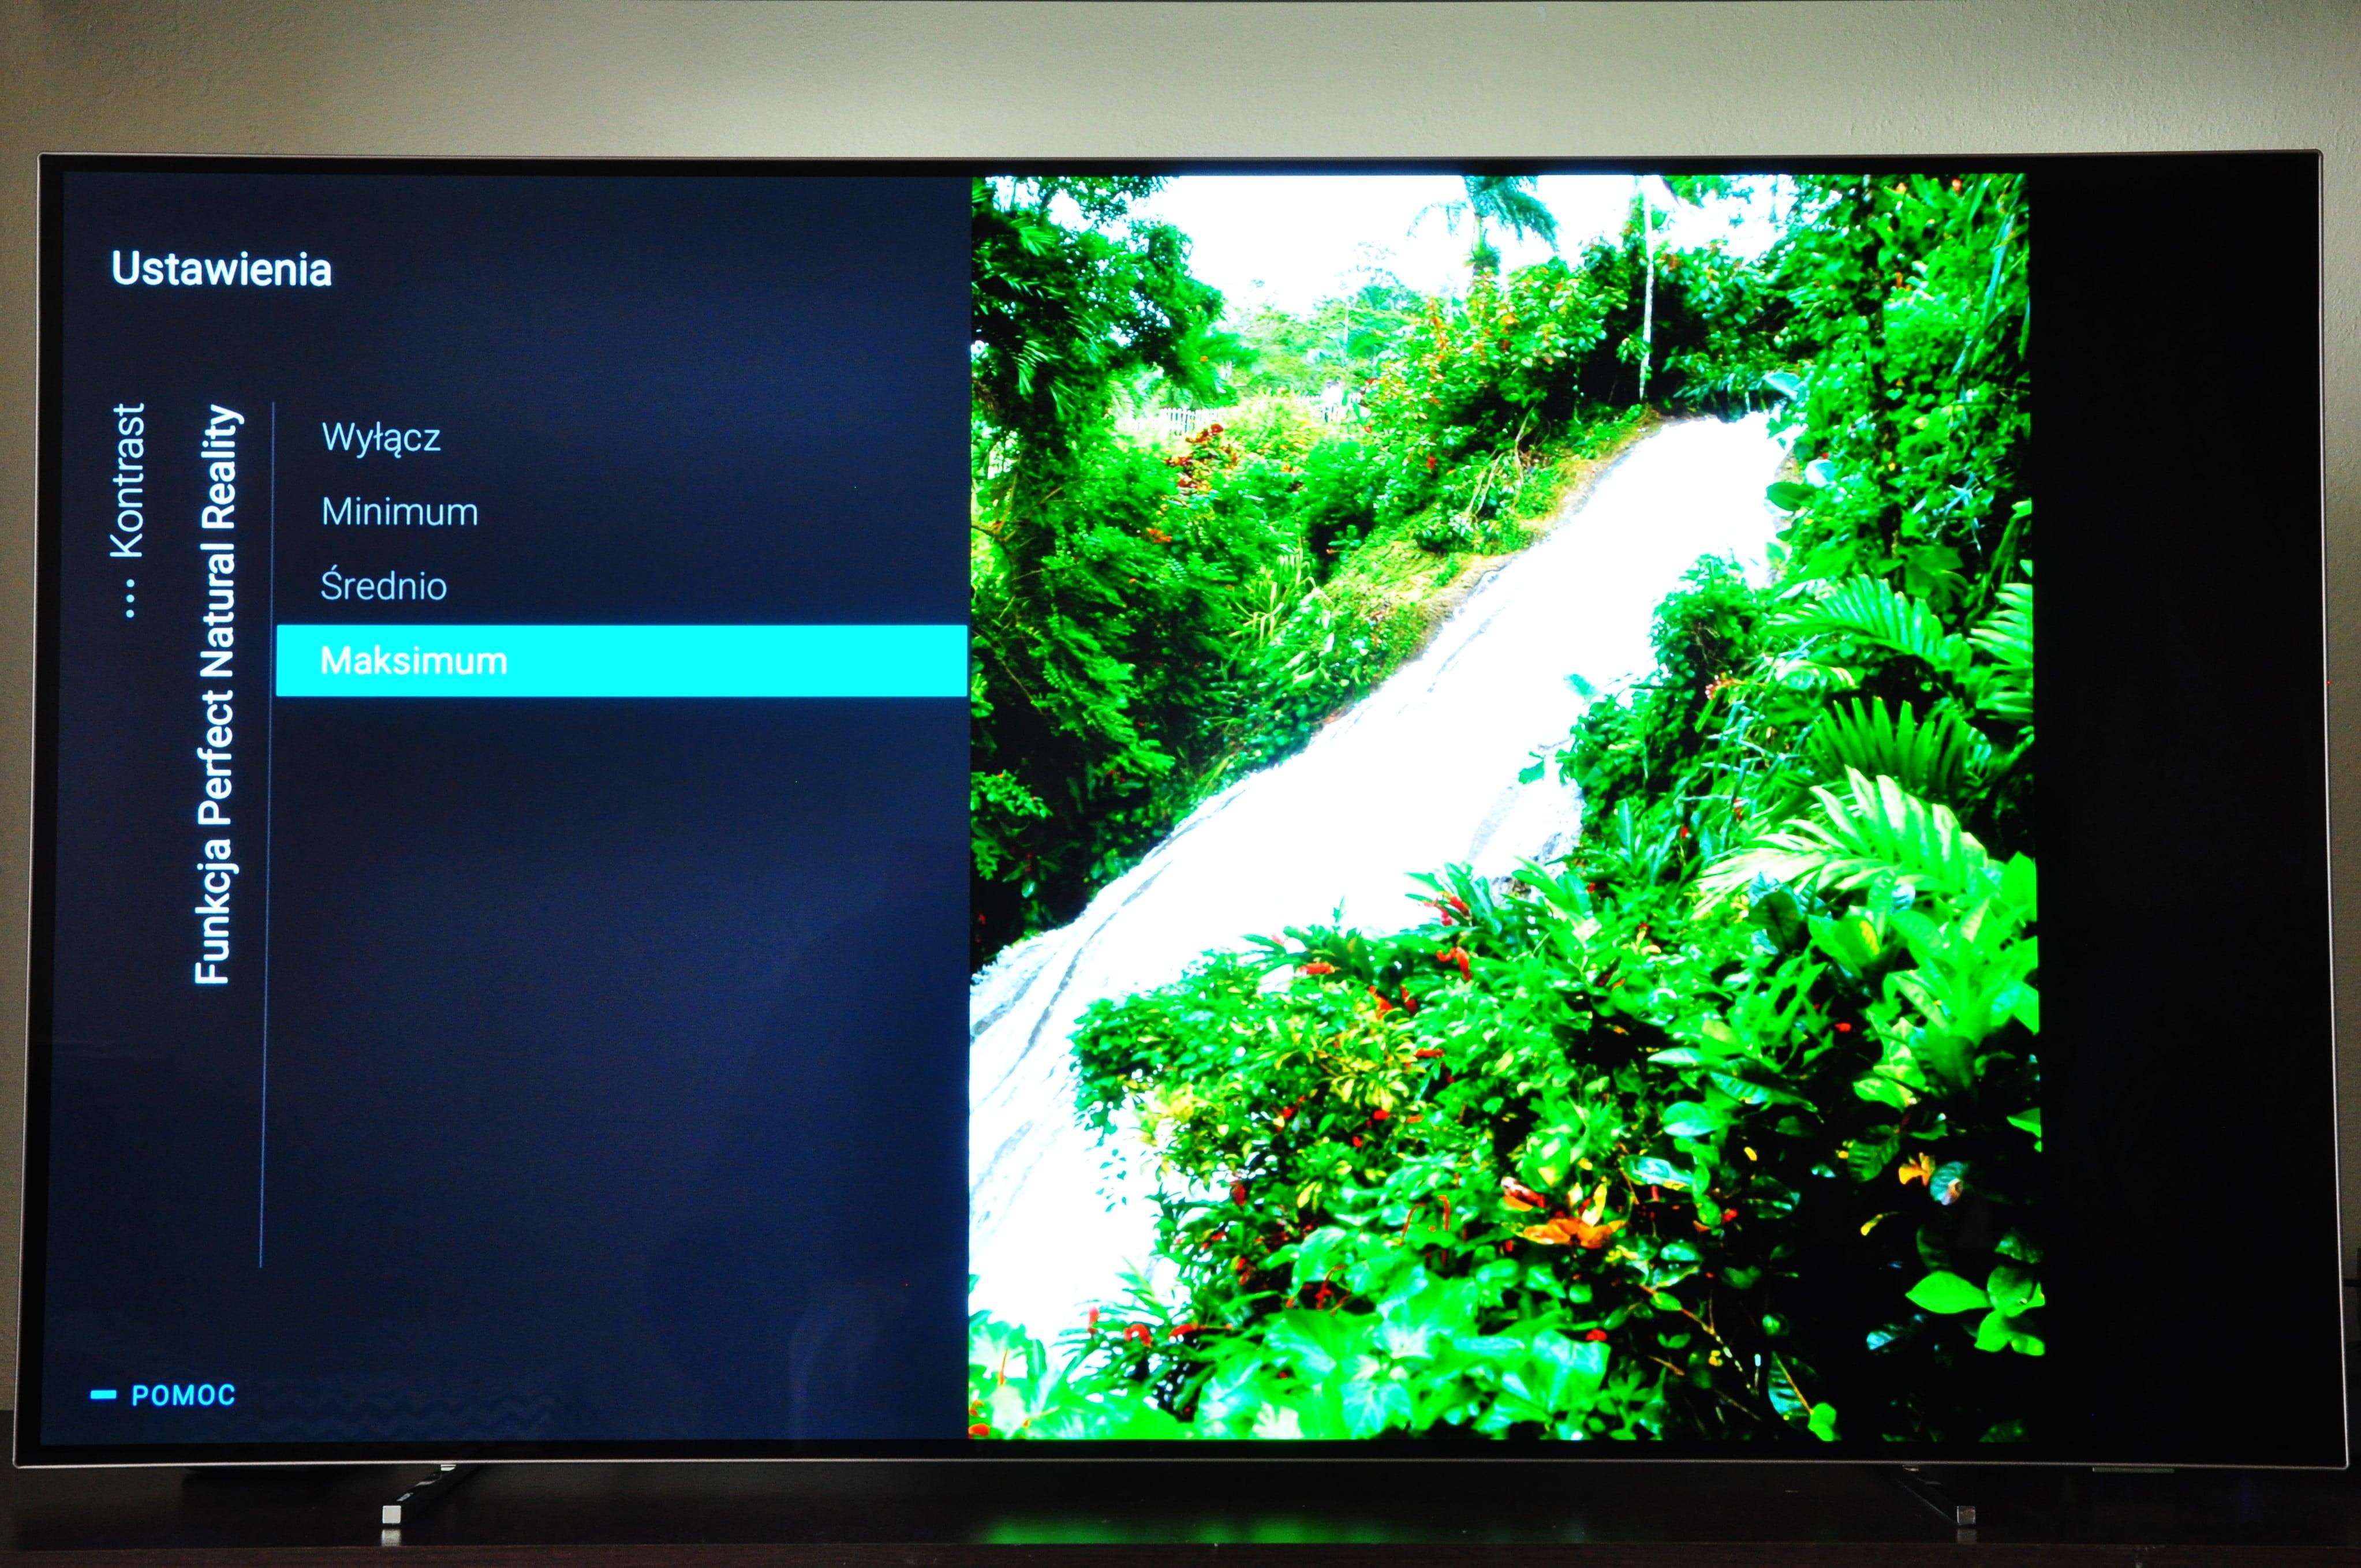 Recenzja Philips OLED 803/12 - Ambient obrazu i dźwięku 27